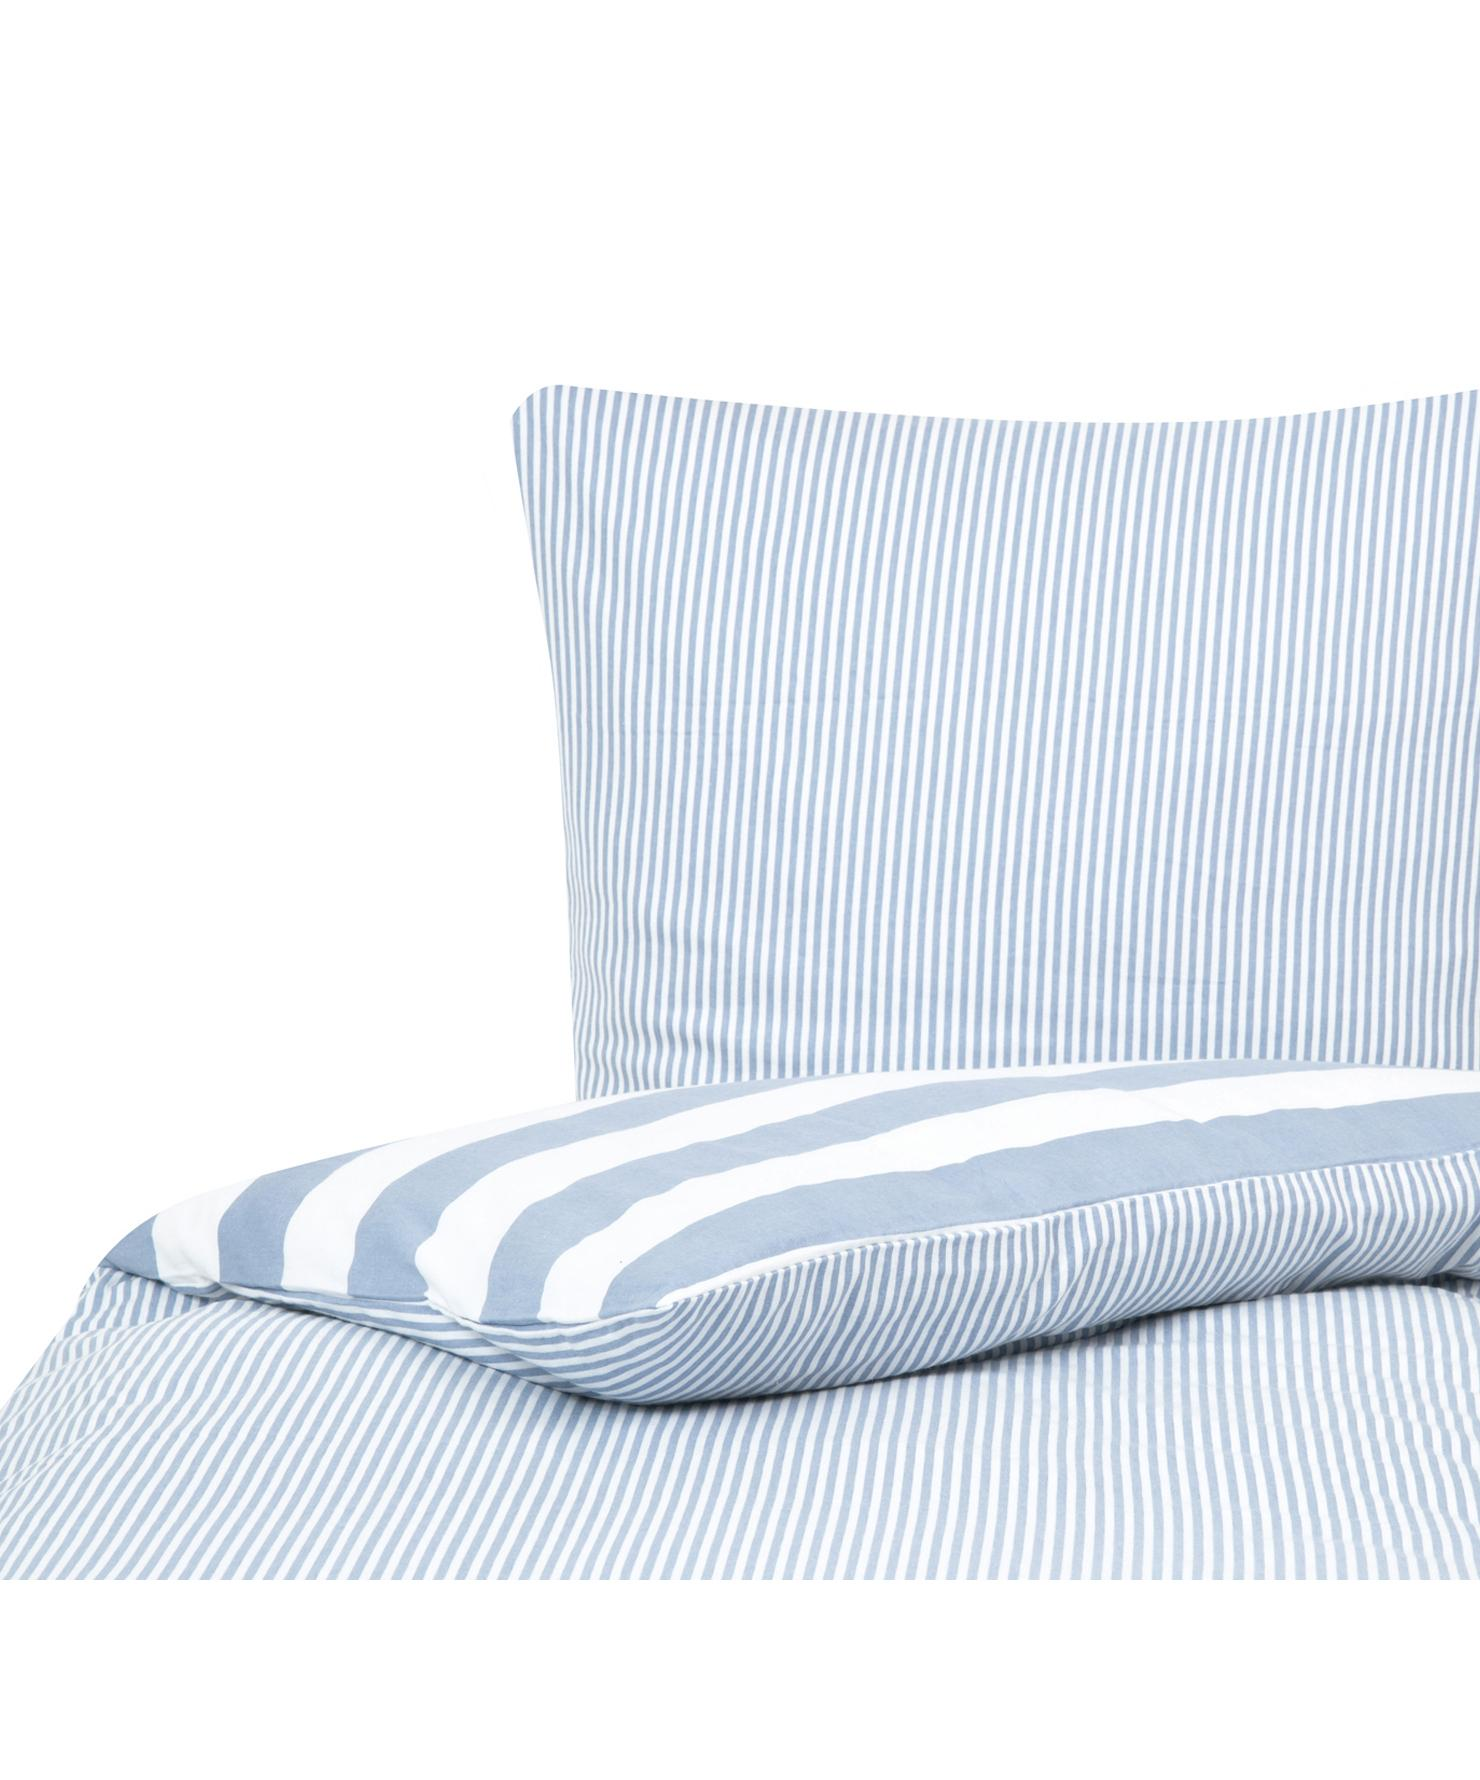 Flanell-Wendebettwäsche Dora, gestreift, Webart: Flanell Flanell ist ein s, Weiss, Hellblau, 135 x 200 cm + 1 Kissen 80 x 80 cm